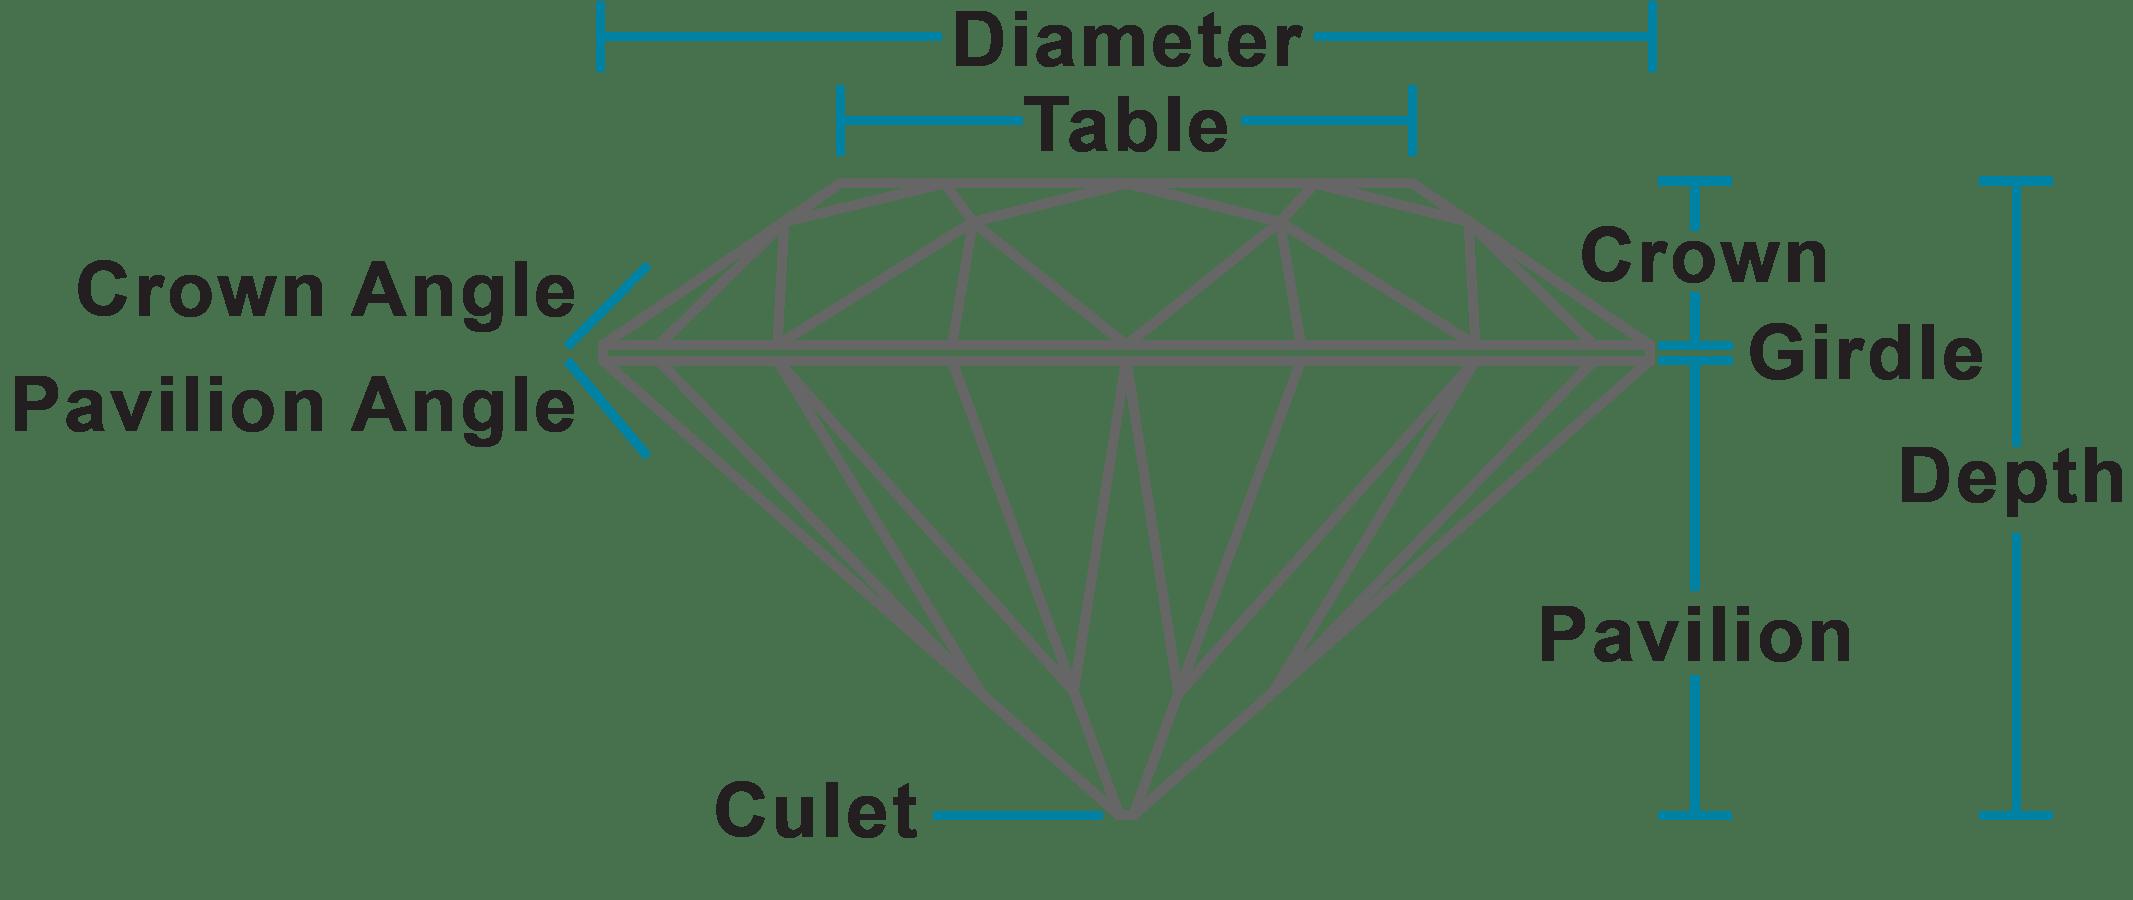 Diamond Glossary